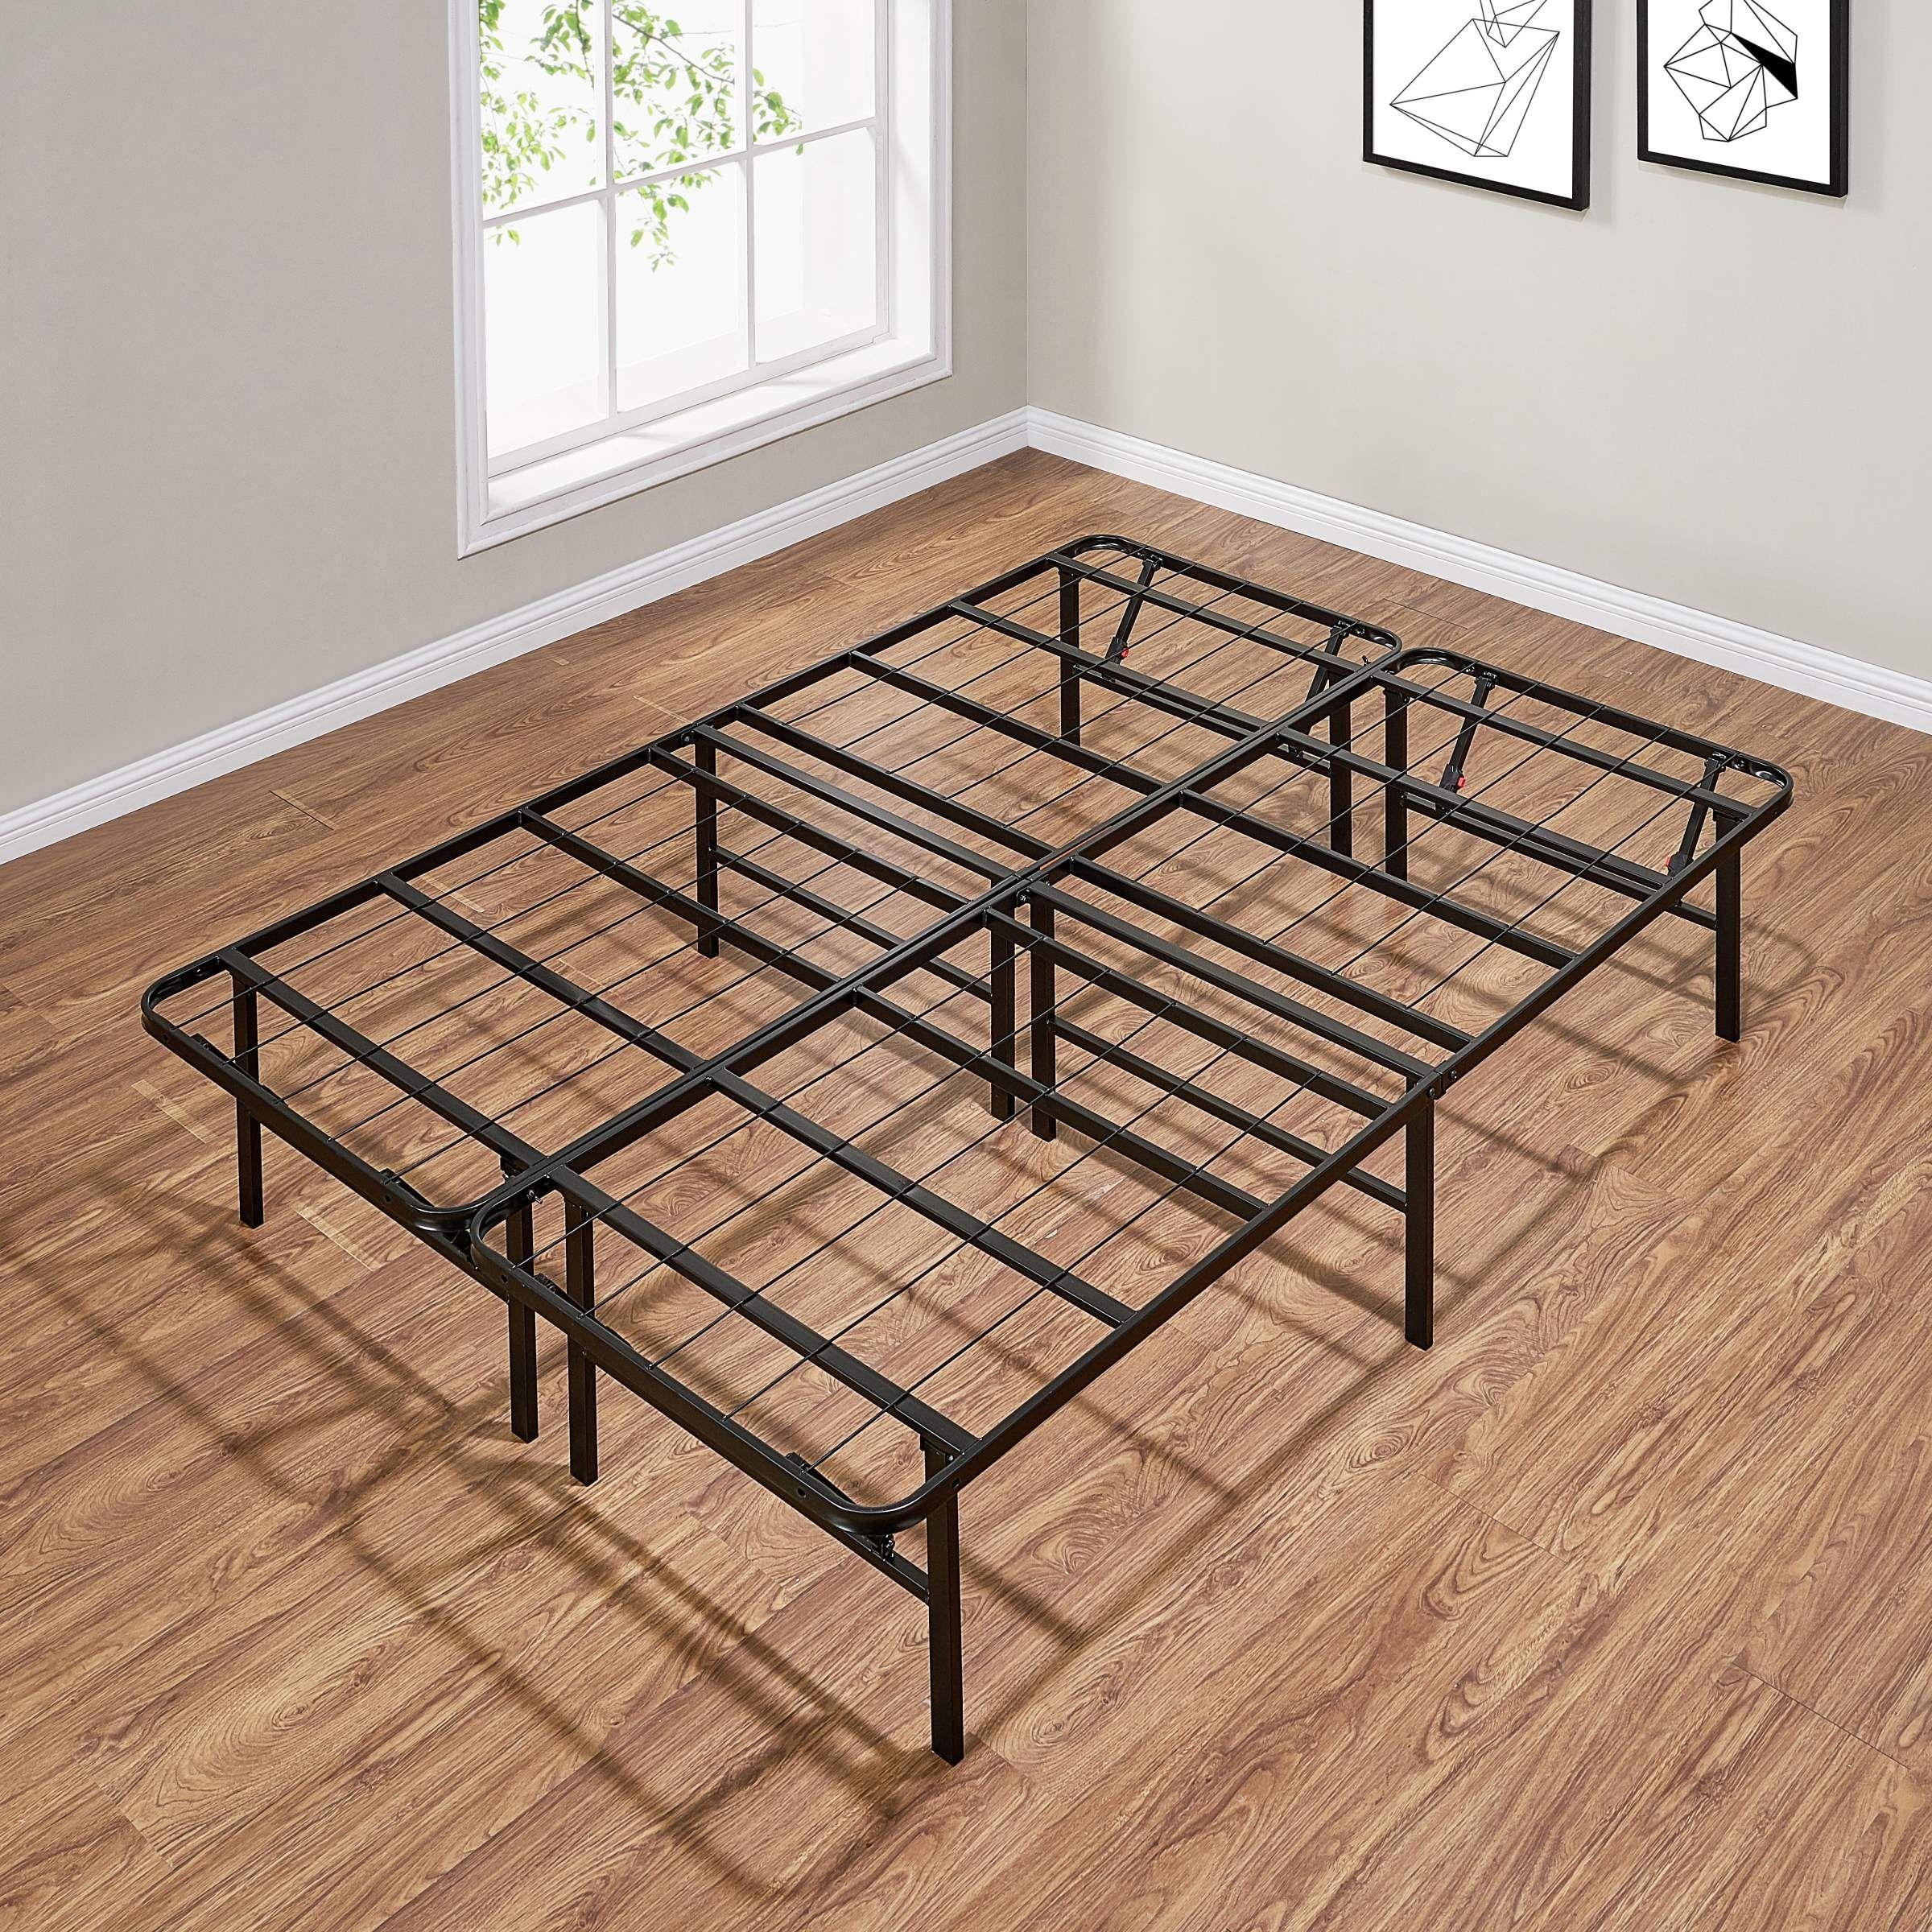 Home Steel Bed Frame Metal Platform Bed Steel Bed